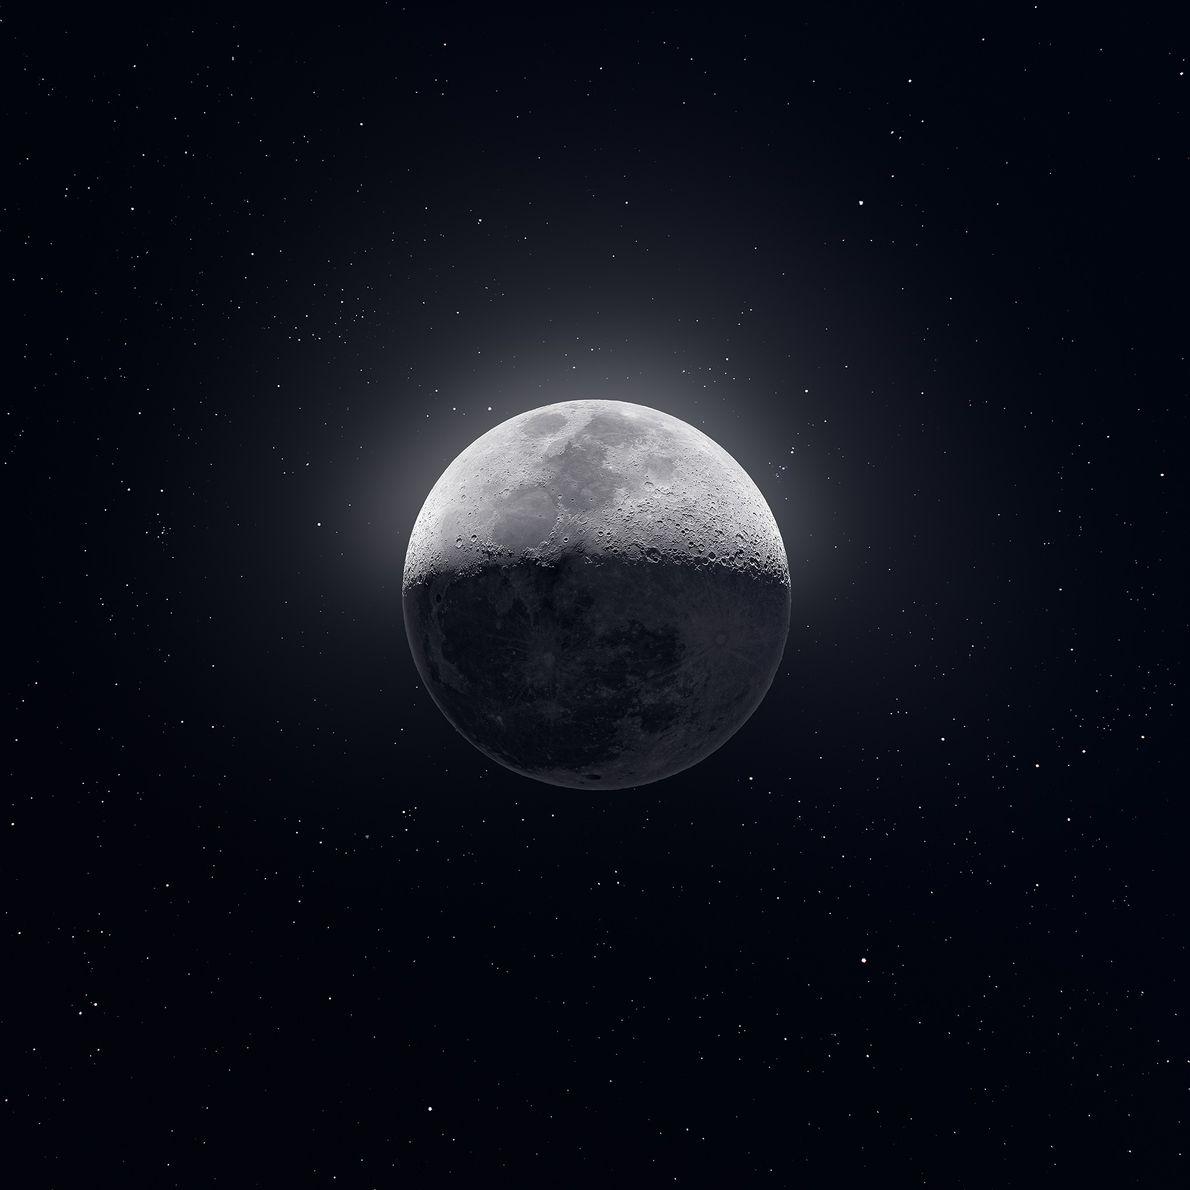 El fotógrafo Andrew McCarthy creó esta extraordinaria imagen de la luna creciente del 12 de febrero ...